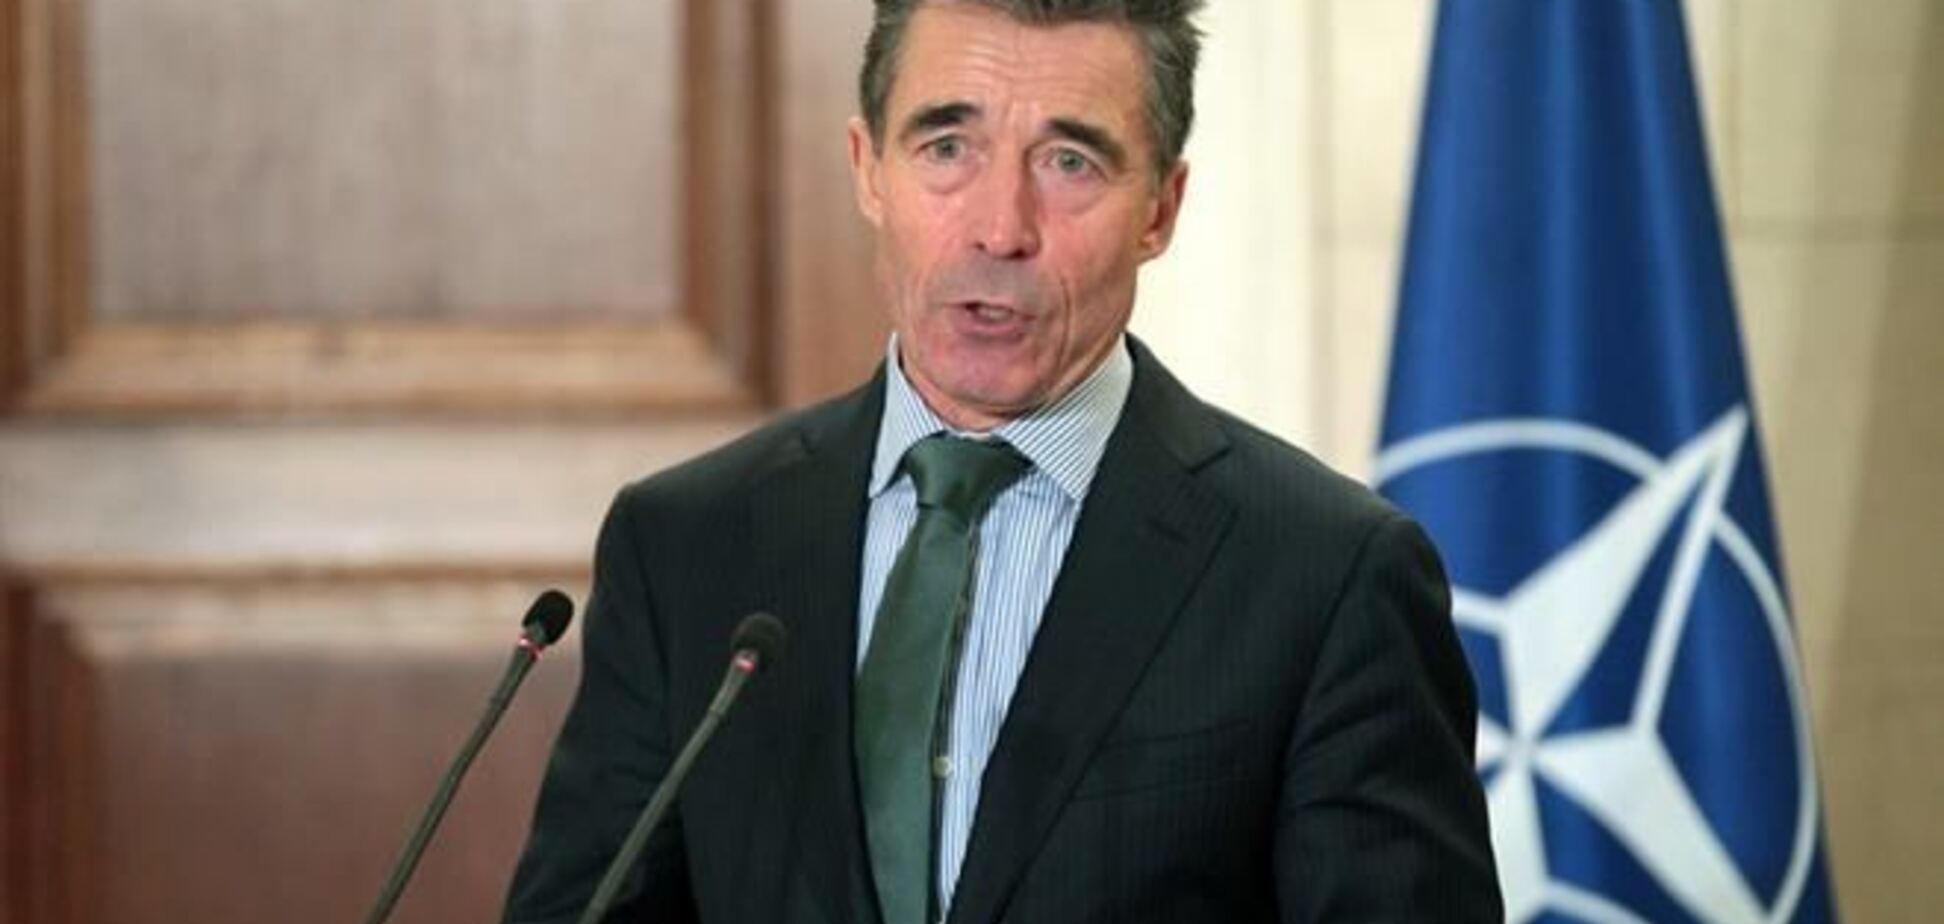 Расмуссен: Україна не обов'язково поспішати в НАТО, є справи важливіші